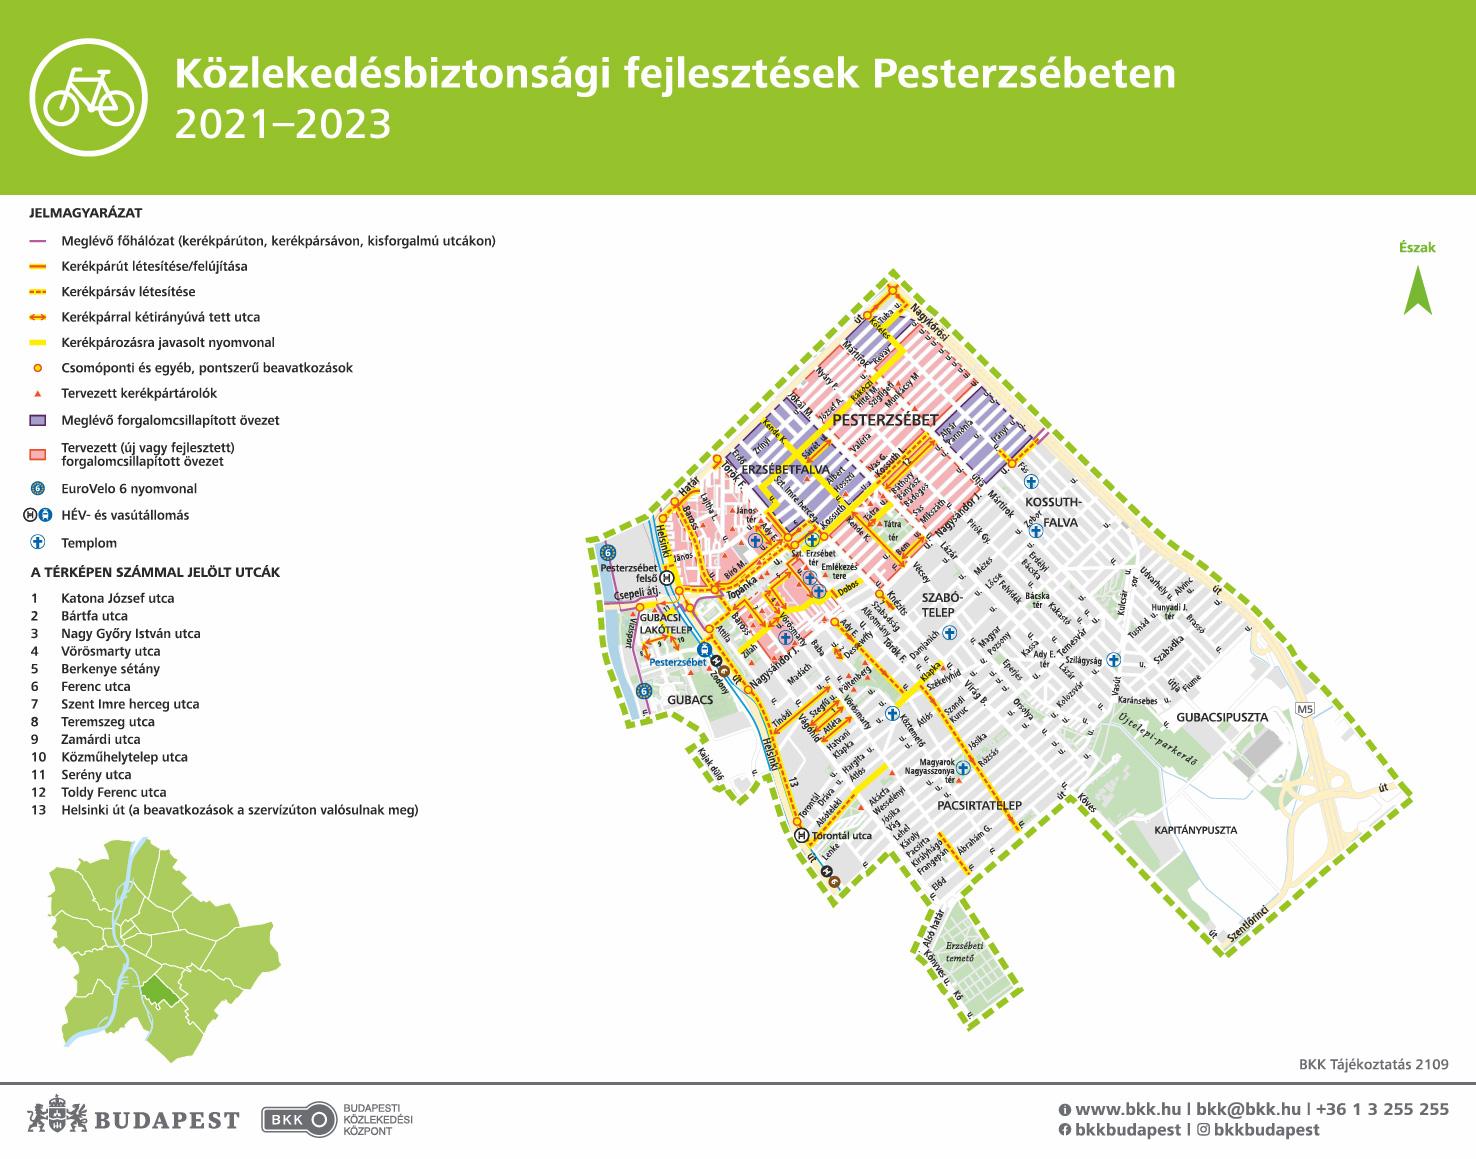 Új kerékpáros útvonalakon lehet majd közlekedni Pesterzsébeten